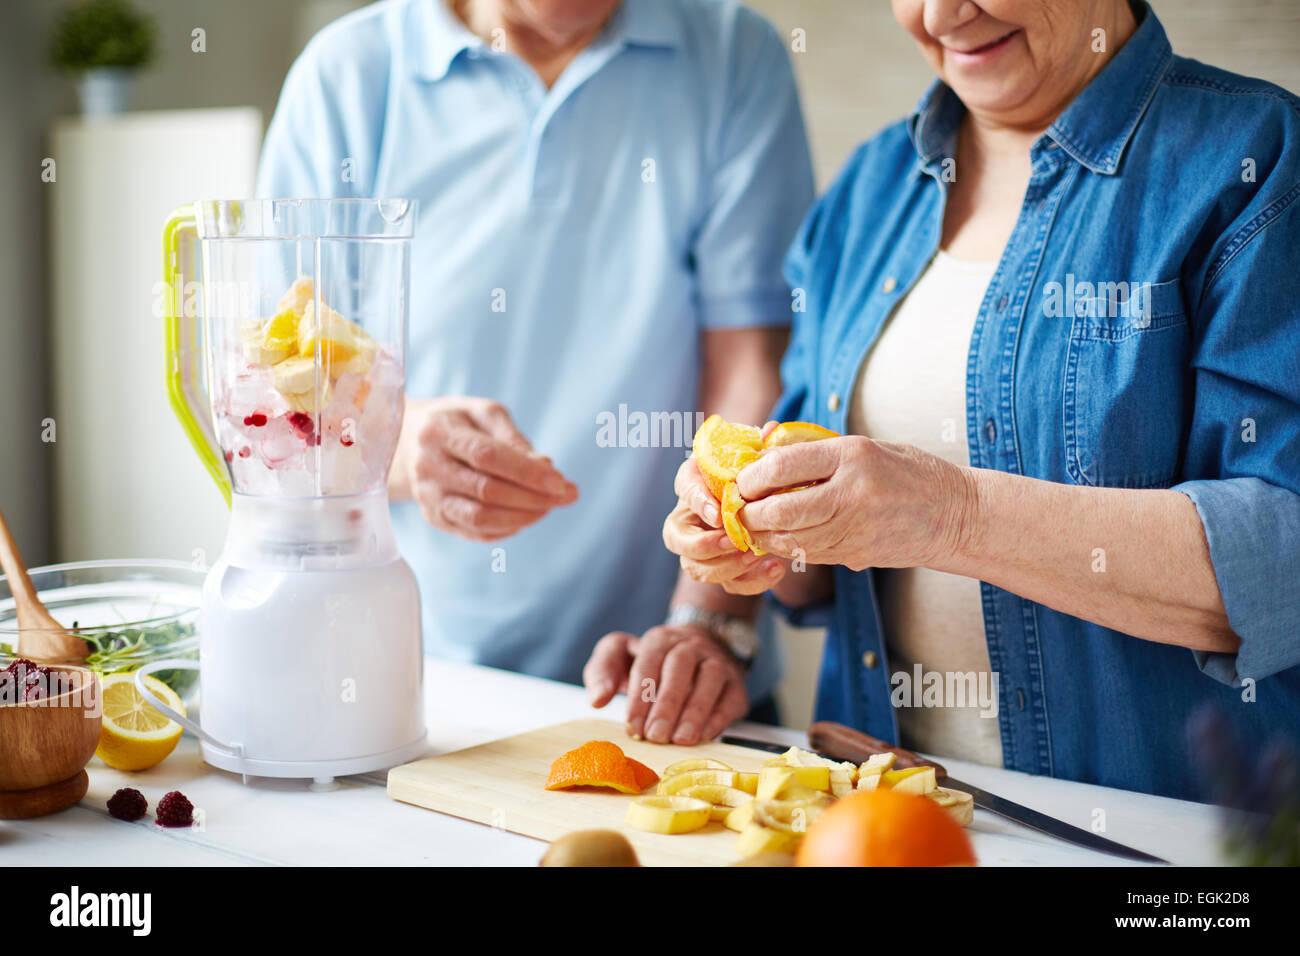 Les témoins de l'épluchage de fruits smoothie Photo Stock